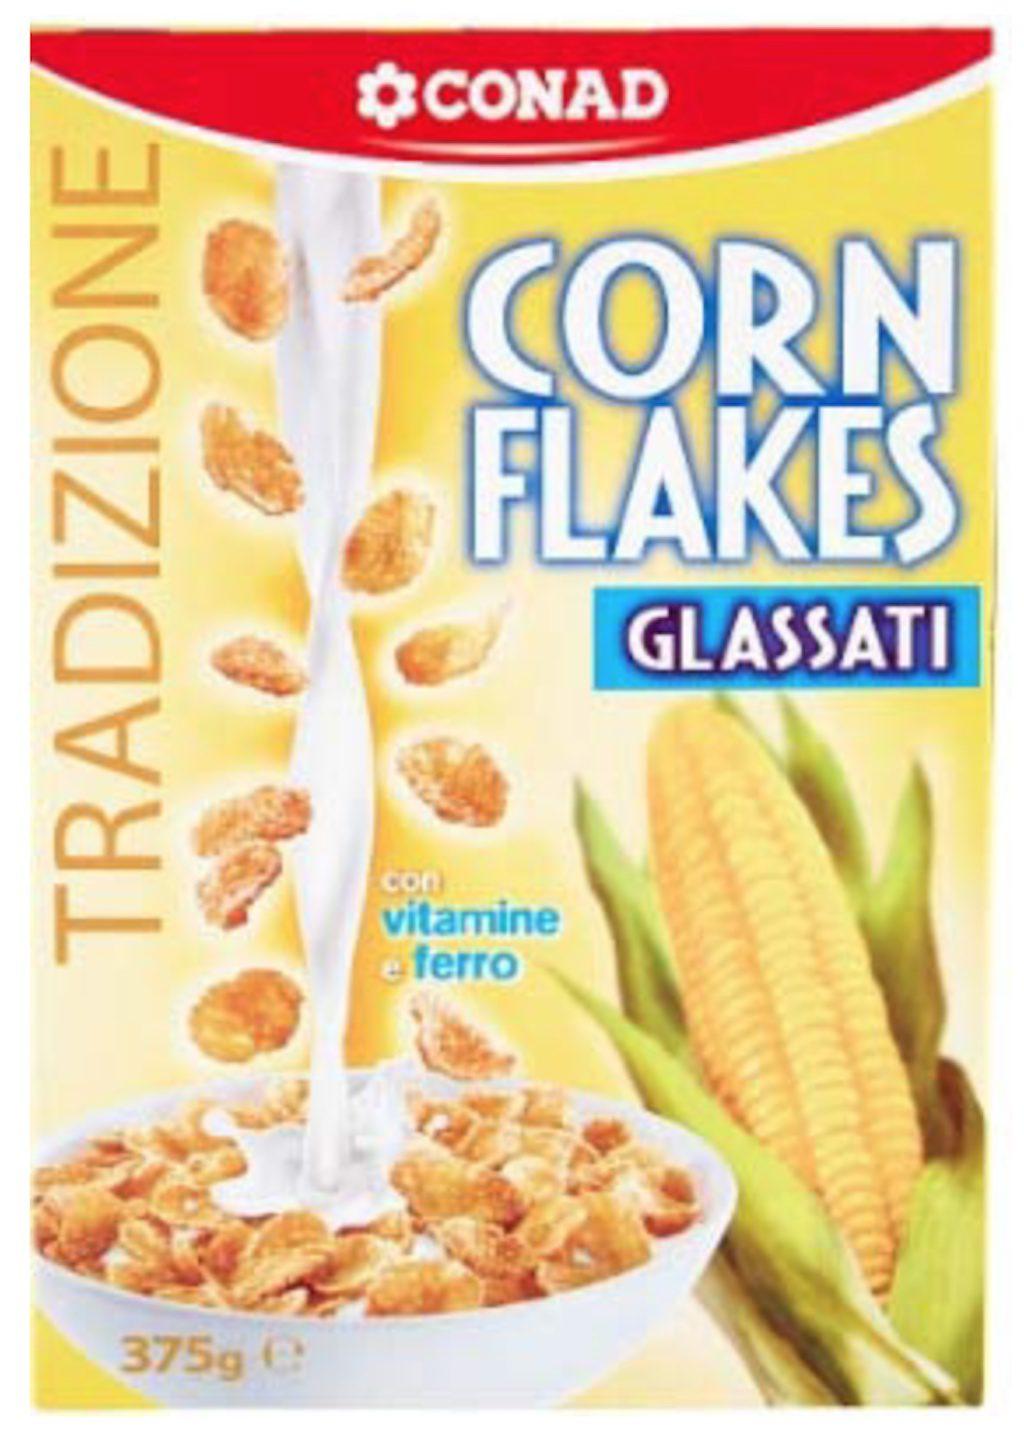 Corn Flakes glassati Conad richiamati per rischio presenza allergeni